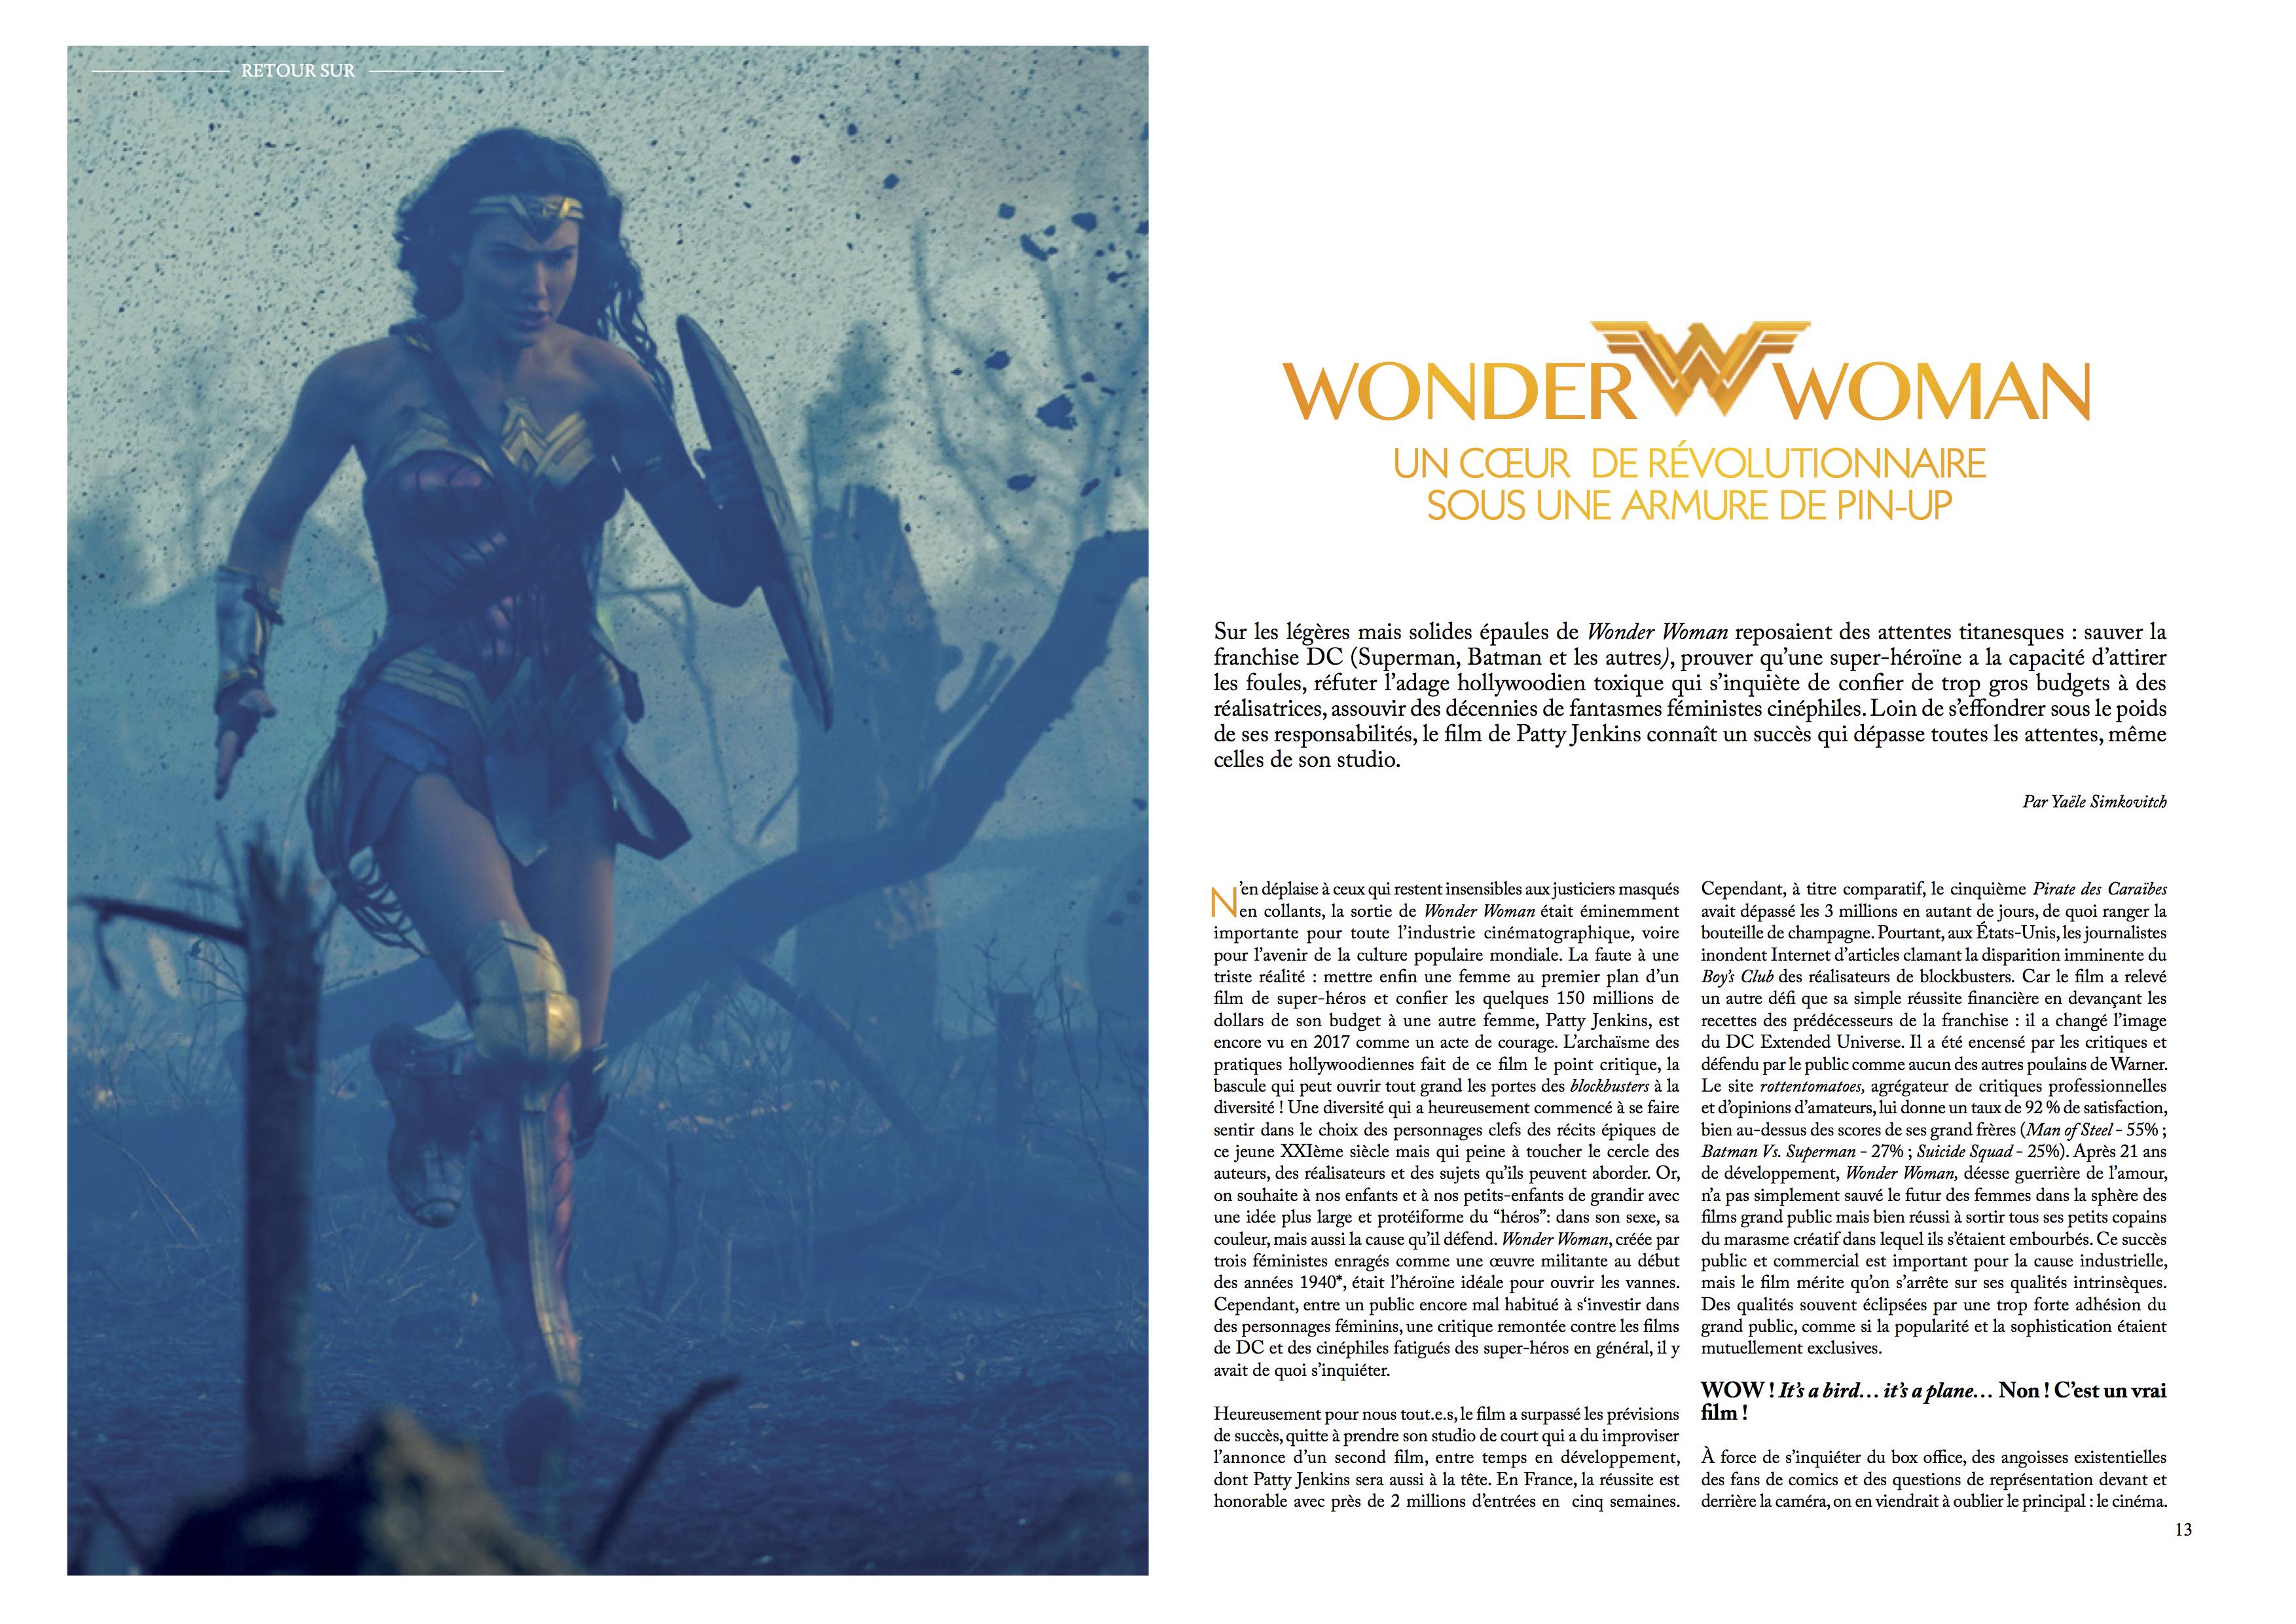 Wonder Woman Clap